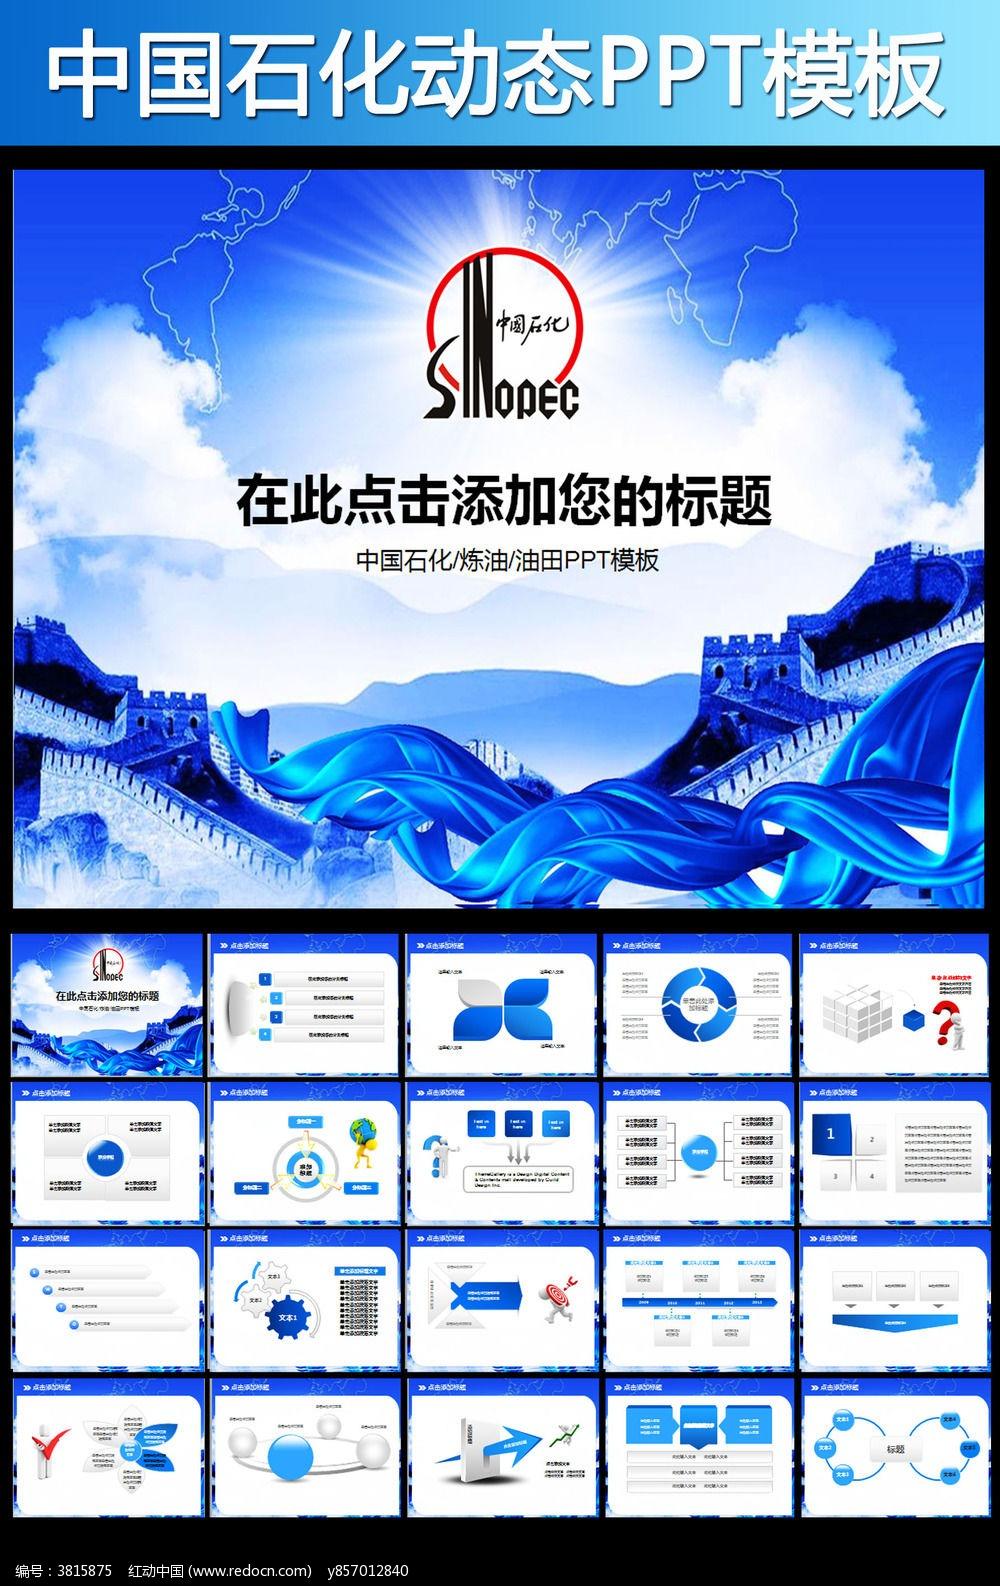 中石化 PPT模板 PPT图表 动态PPT 会议 报告 座谈 交流-12款 中国石